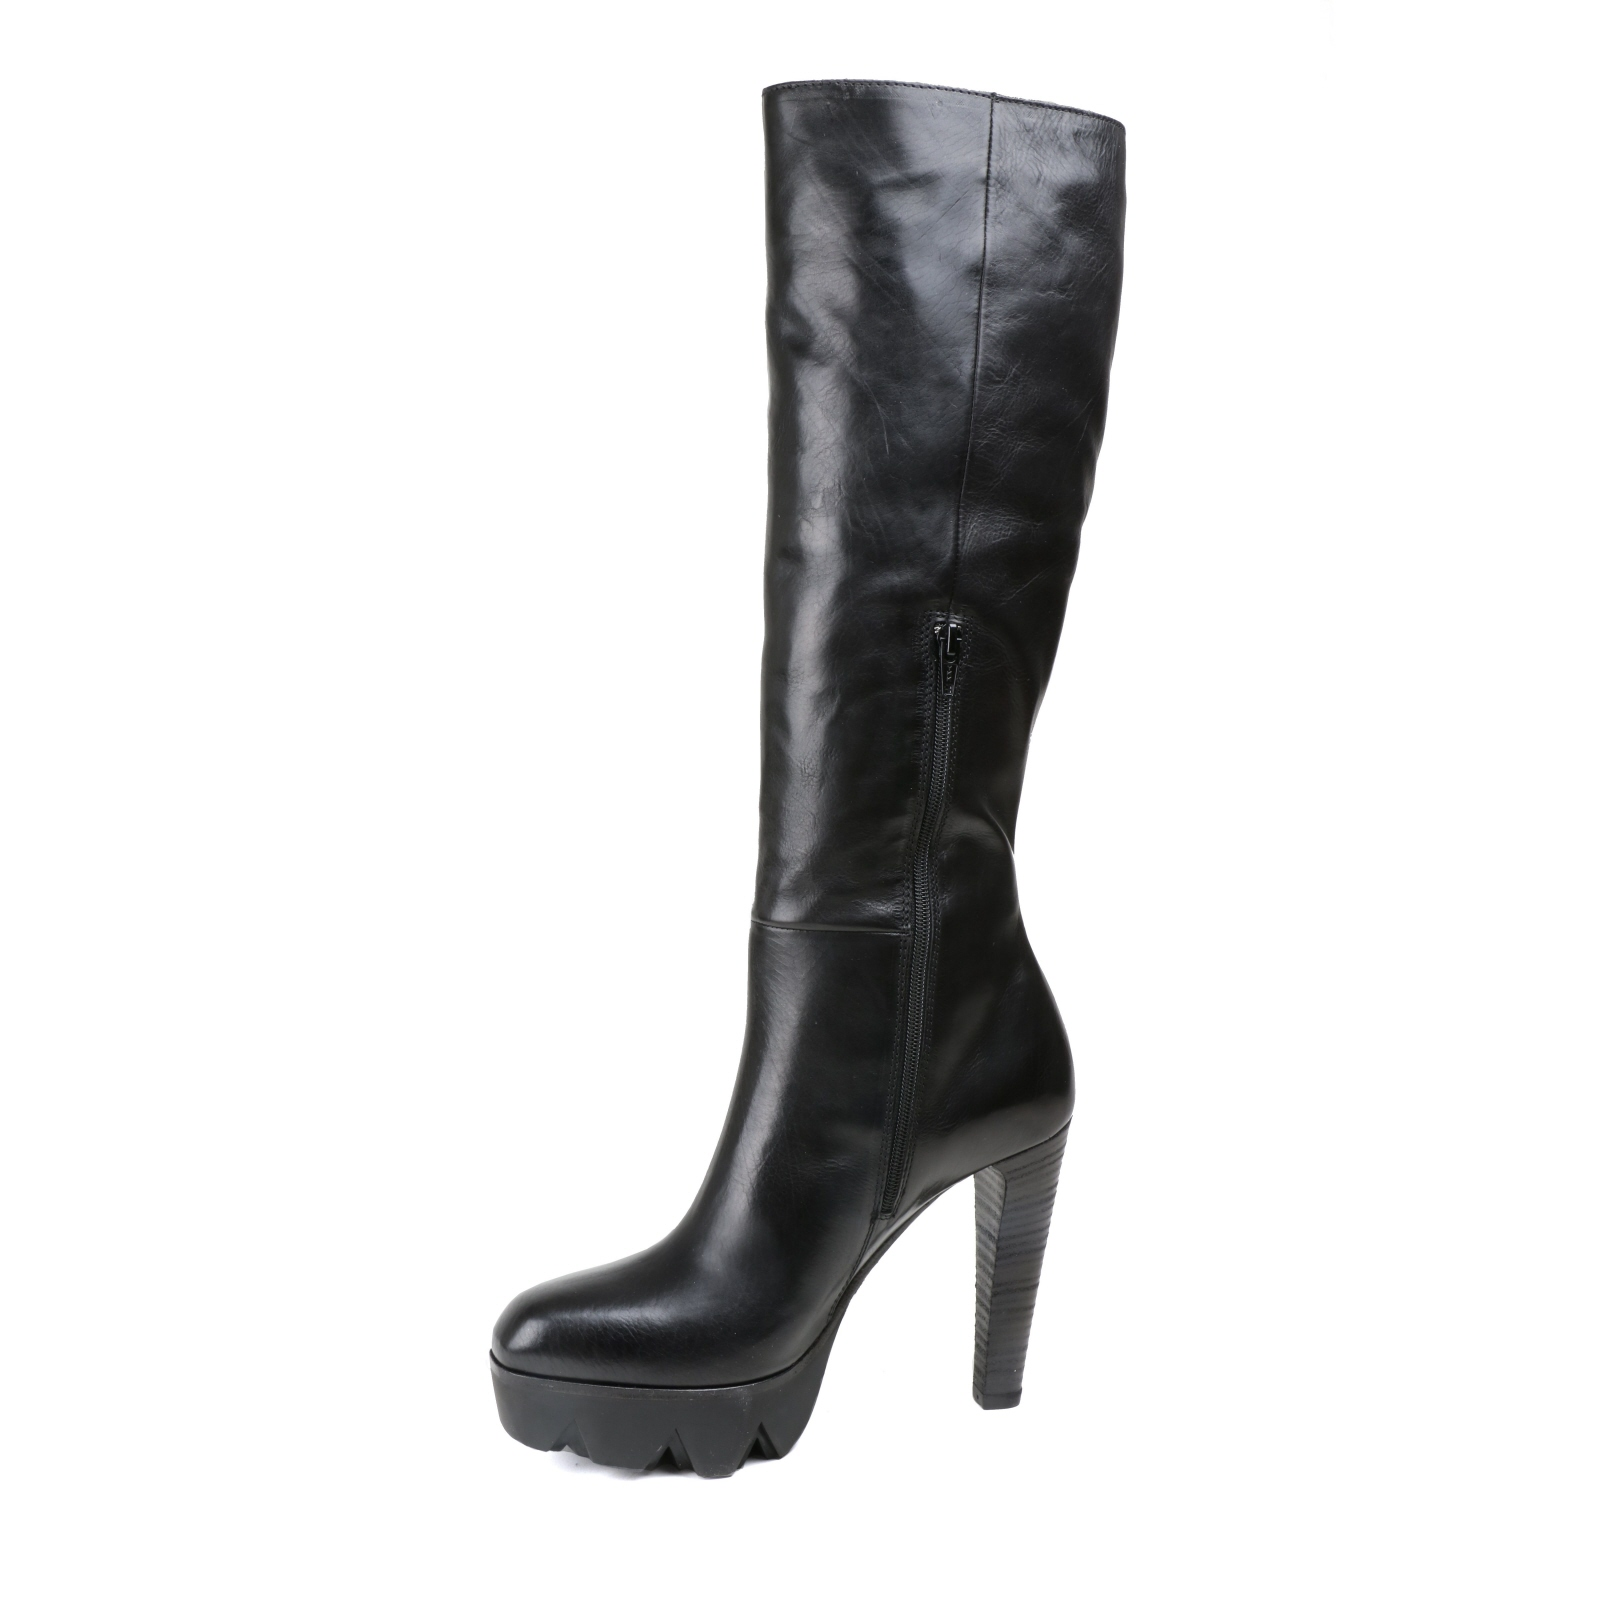 Damen Stiefel Stiefel Stiefel VIC MATIE Plateausohle schwarz Glattleder NEU Gr.38 09c88c